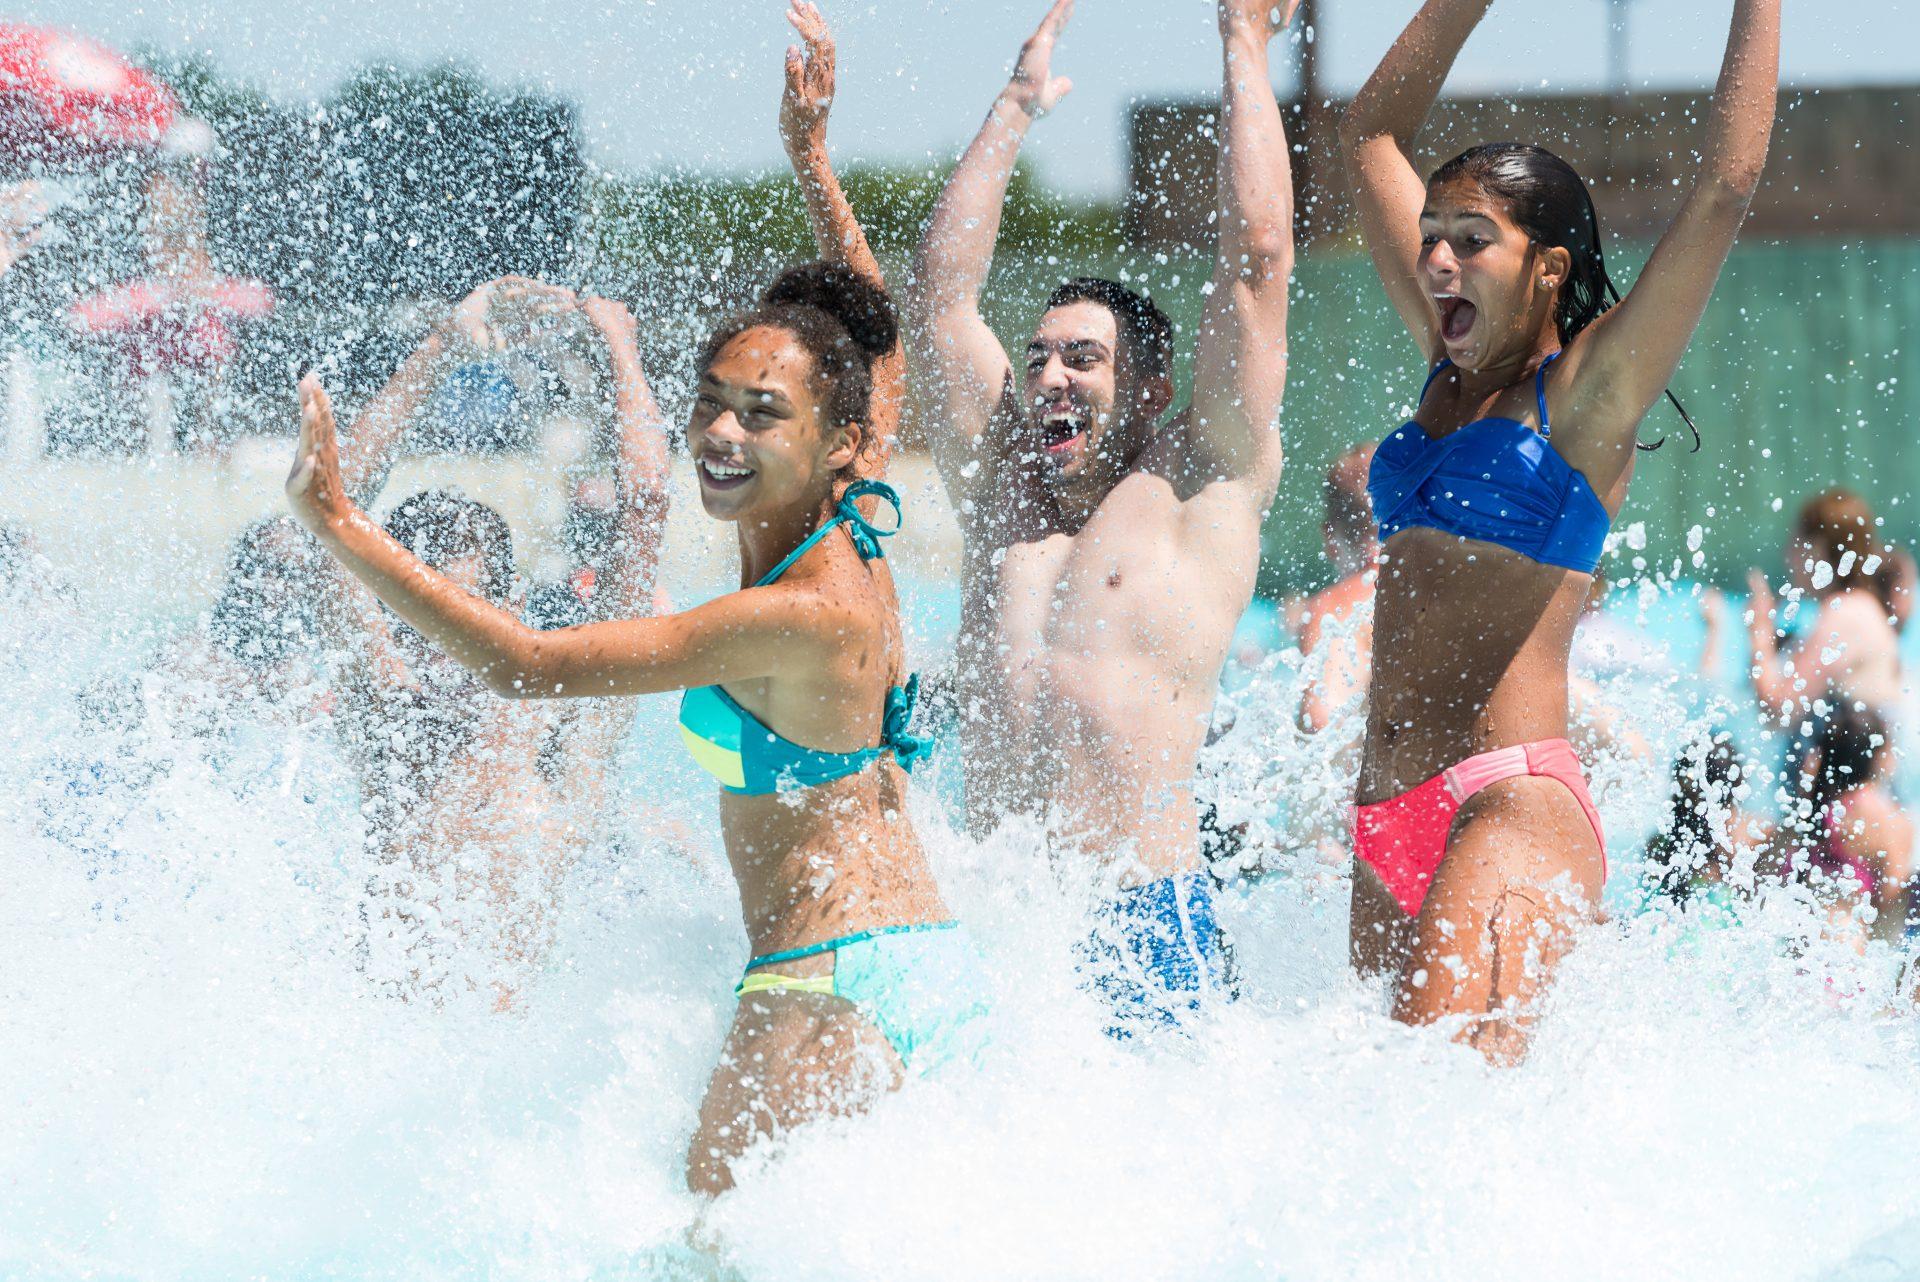 teens splashing in water park wave pool attraction